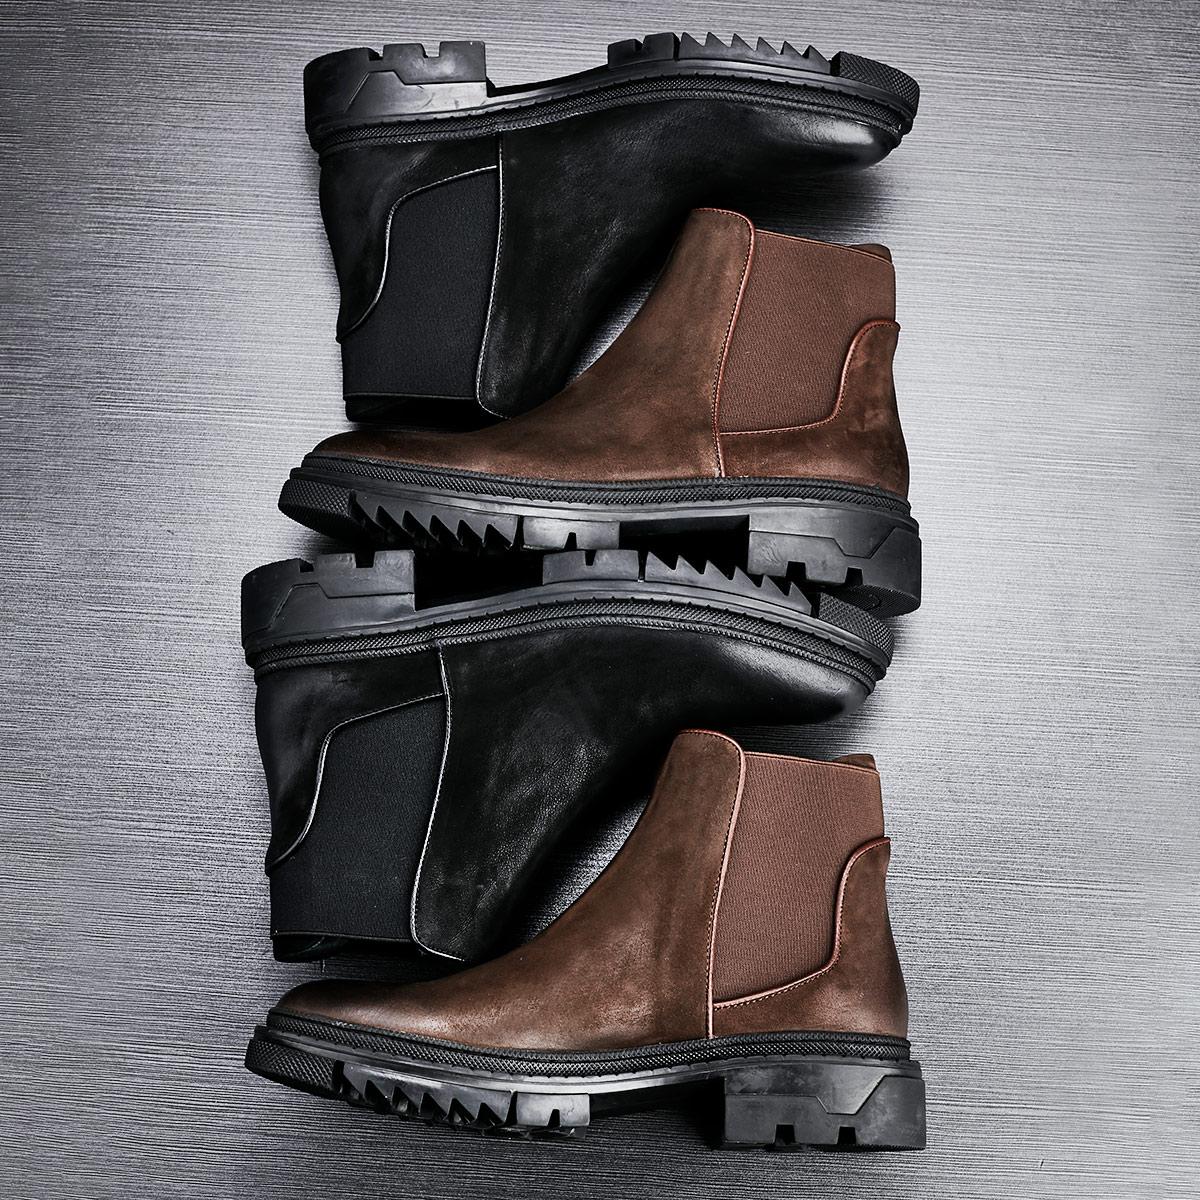 Bottoms grossas botas Chelsea Alta Qualidade do Couro Genuíno botas de outono inverno homens Britânicos sapatos de couro botas de combate militar - 4